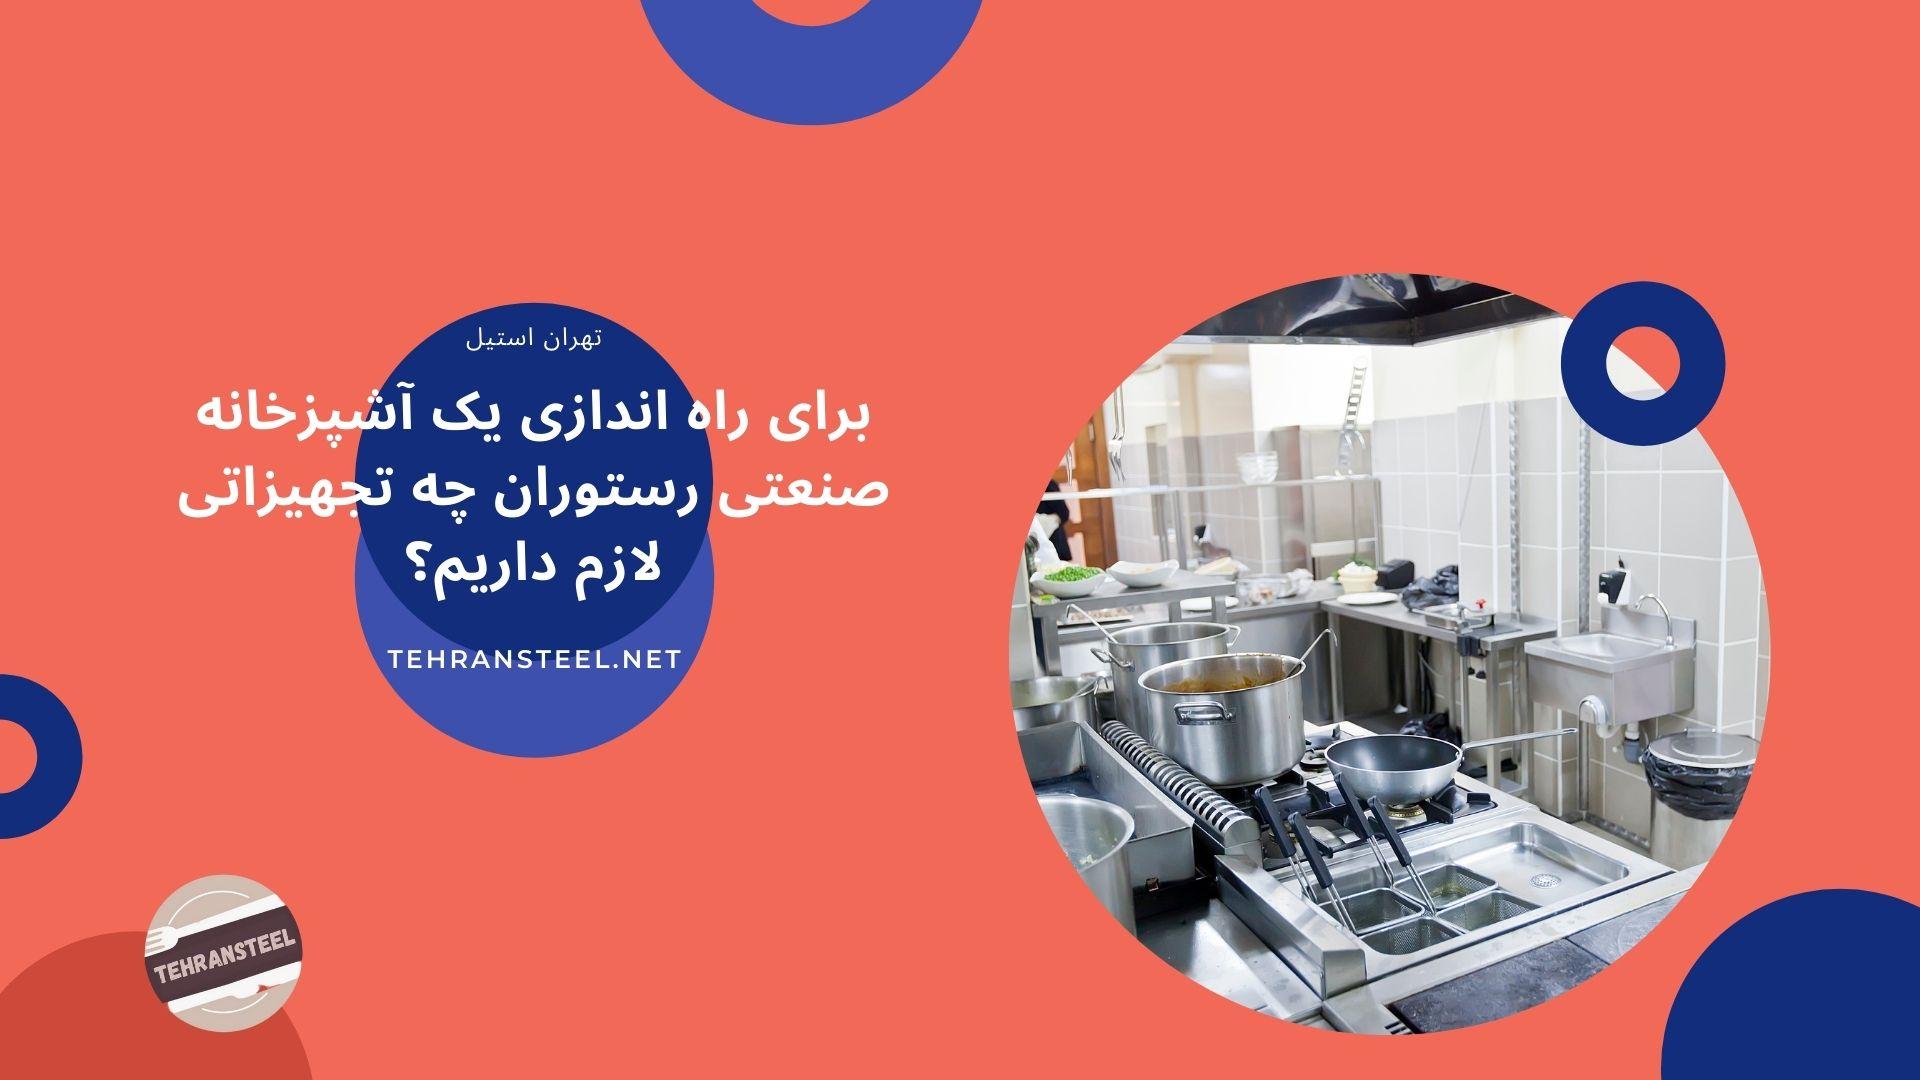 برای راه اندازی یک آشپزخانه صنعتی رستوران چه تجهیزاتی لازم داریم؟